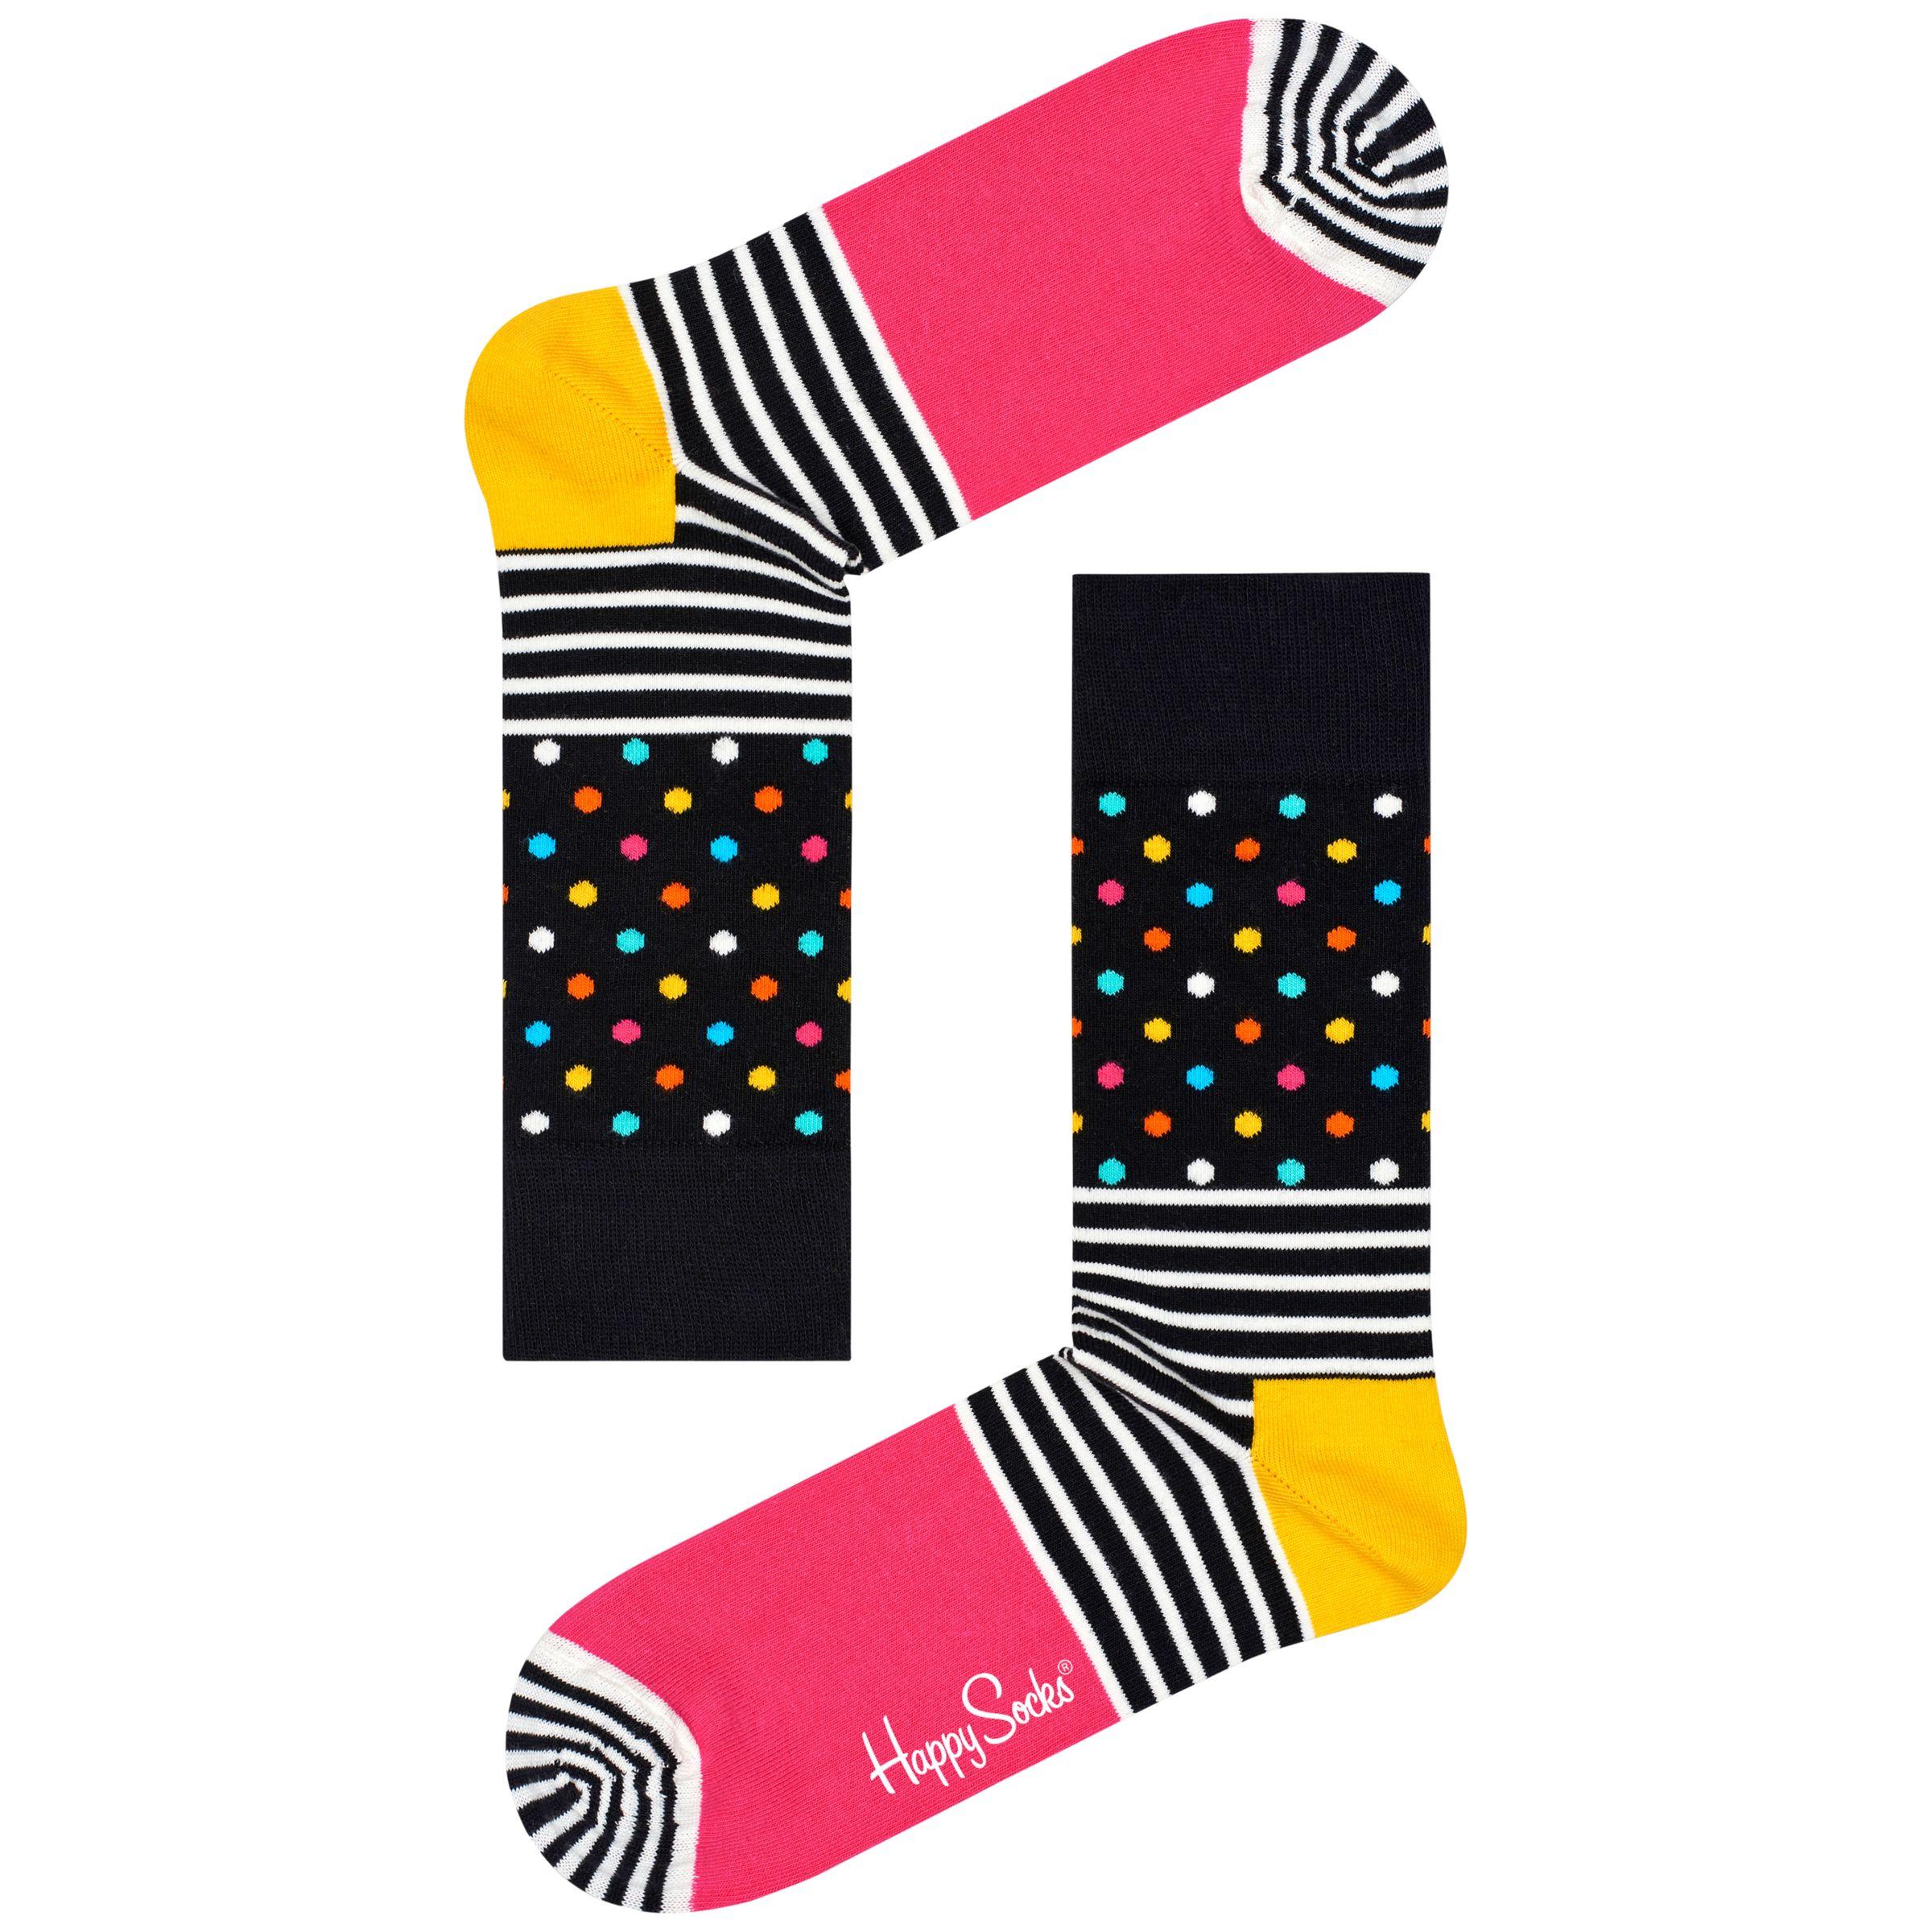 Happy Socks Happy Socks Stripe Dot Socks, One Size, Black/Multi